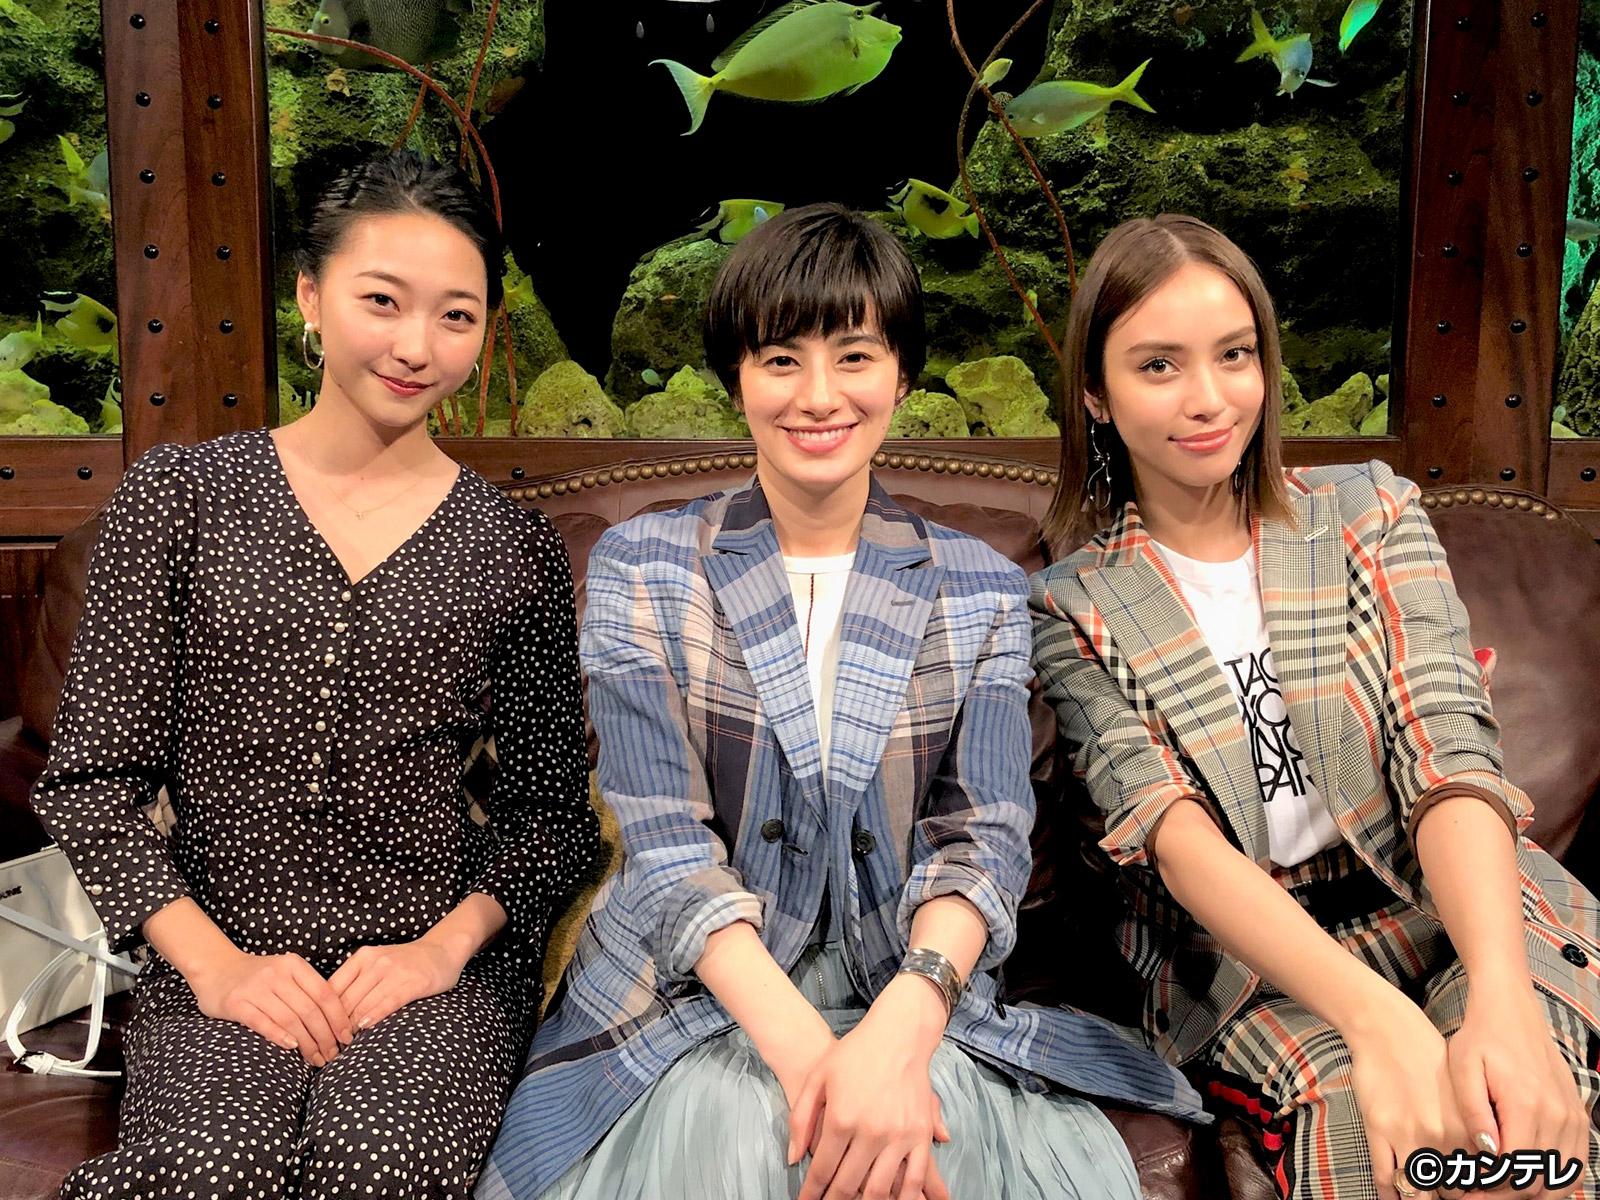 グータンヌーボ2/#15 ホラン千秋×畠山愛理×滝沢カレン